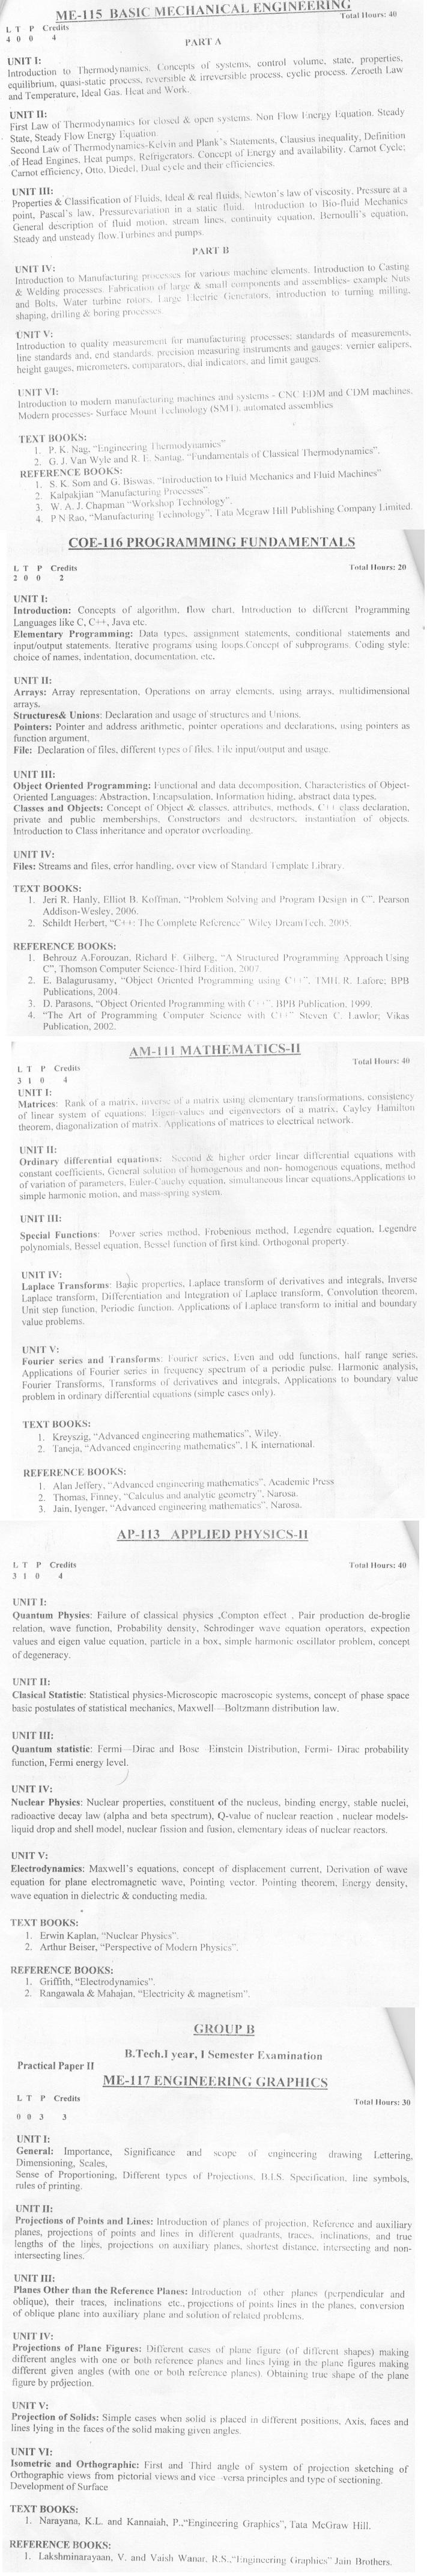 DTU Syllabus  2010 - 1 Sem